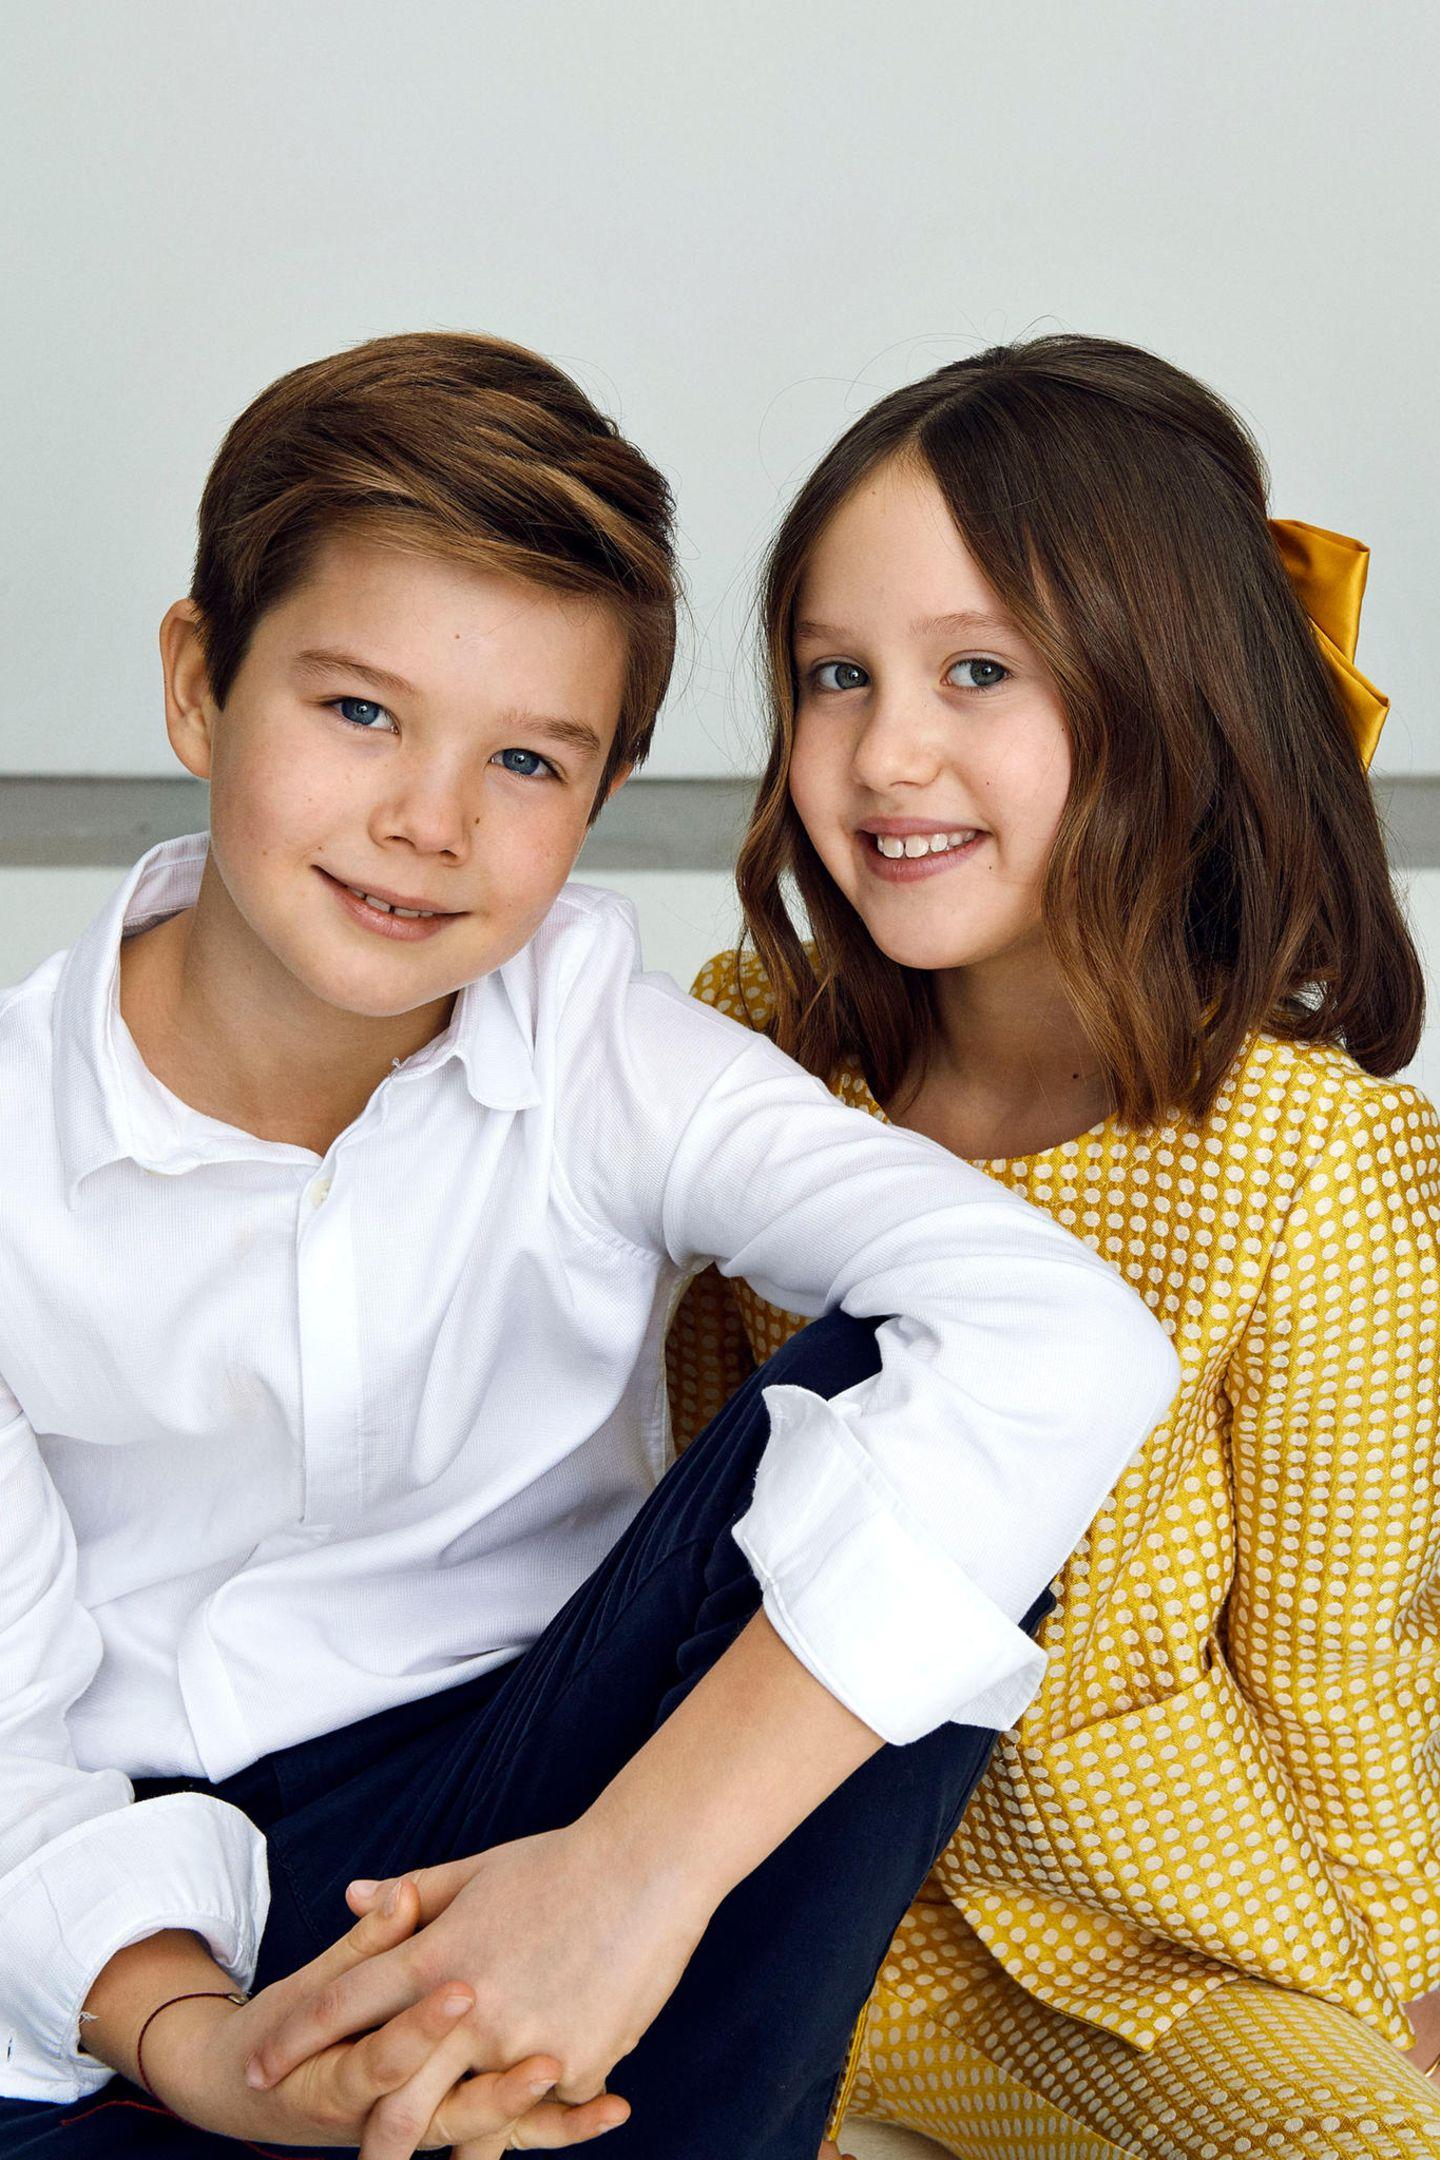 8. Januar 2021  Zum 10. Geburtstag der königlichen Zwillinge von Dänemark hat der Palast entzückende Bilder der beiden Kinder von Prinz Frederik und Prinzessin Mary veröffentlicht. Ganz bezaubernd lächeln Prinz Vincent und Prinzessin Josephine in die Kamera.